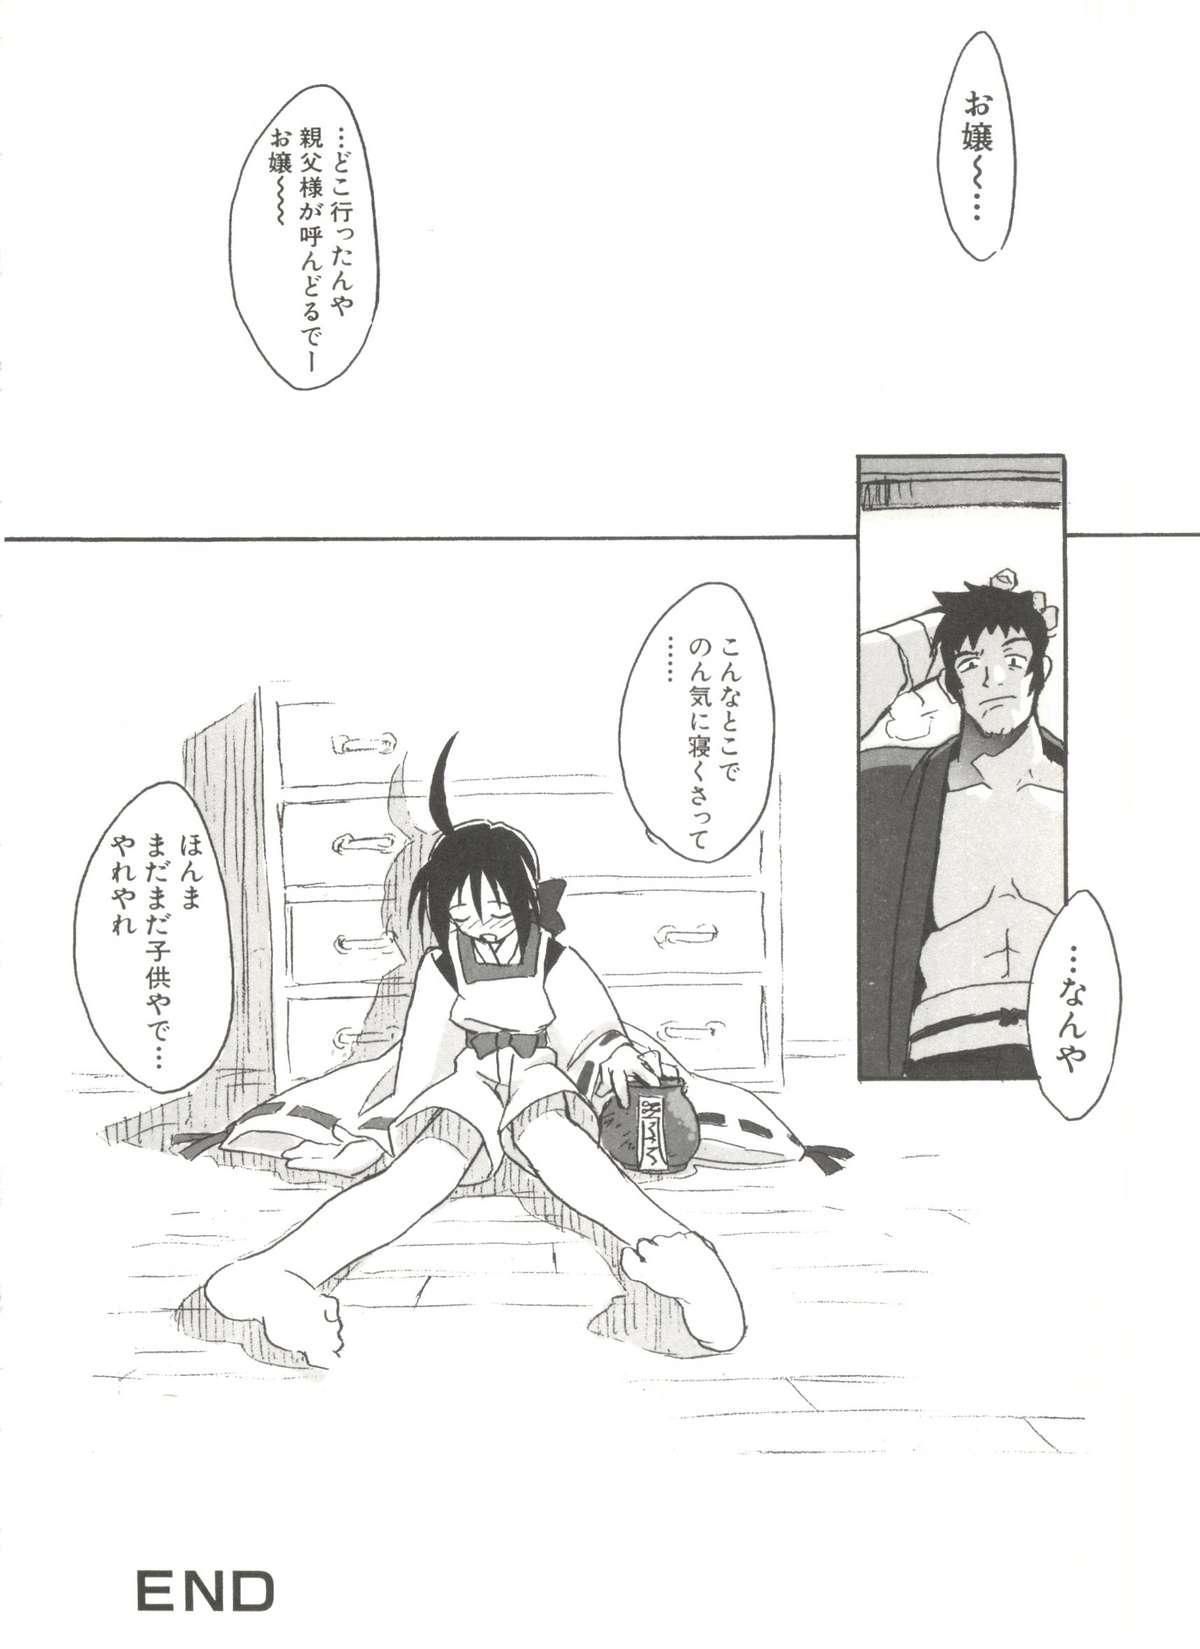 Denei Tamate Bako Bishoujo Doujinshi Anthology Vol. 2 - Nishinhou no Tenshi 23